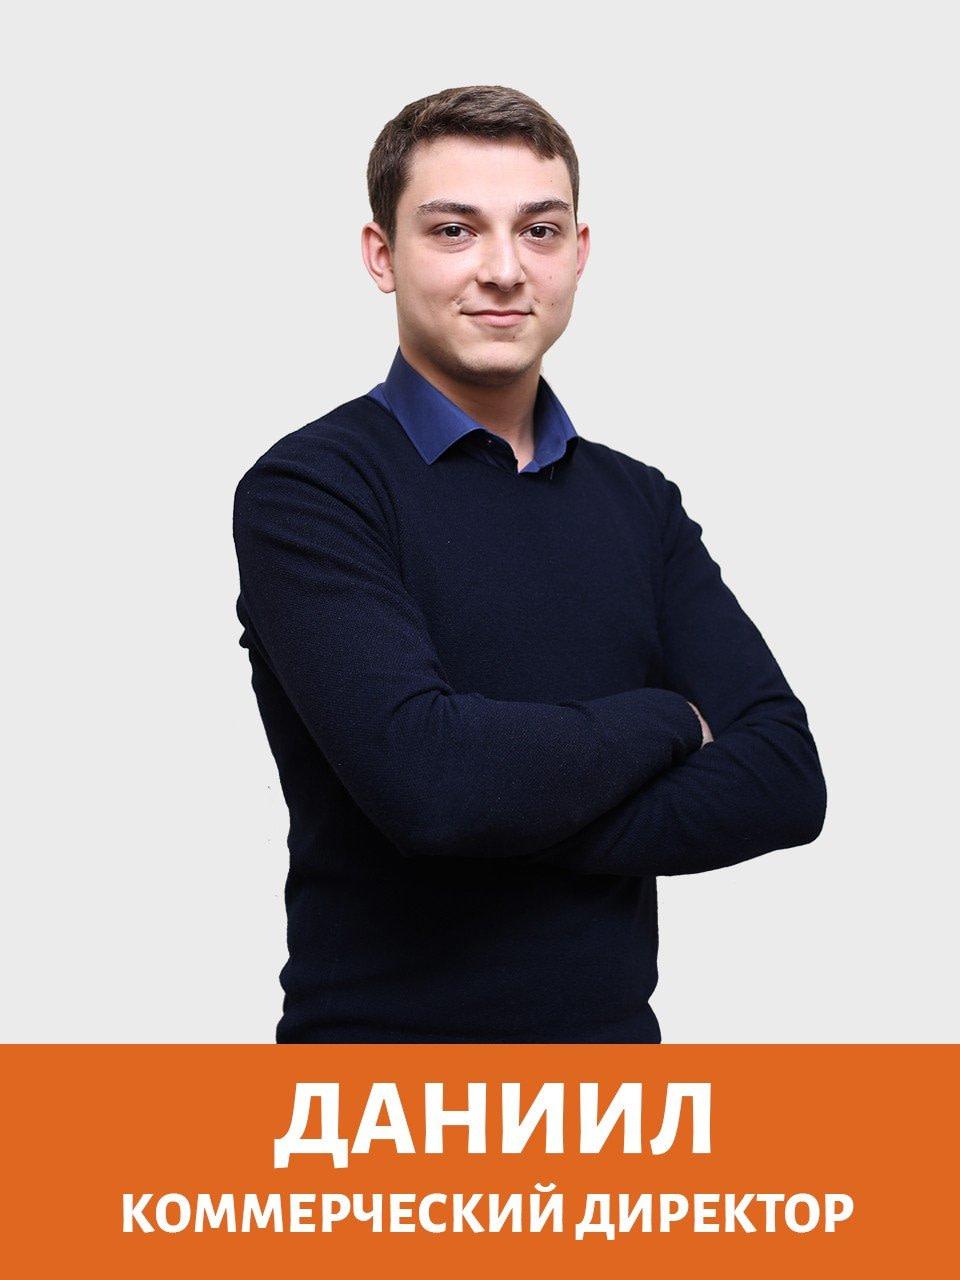 daniil direktor1 - Создание сайтов